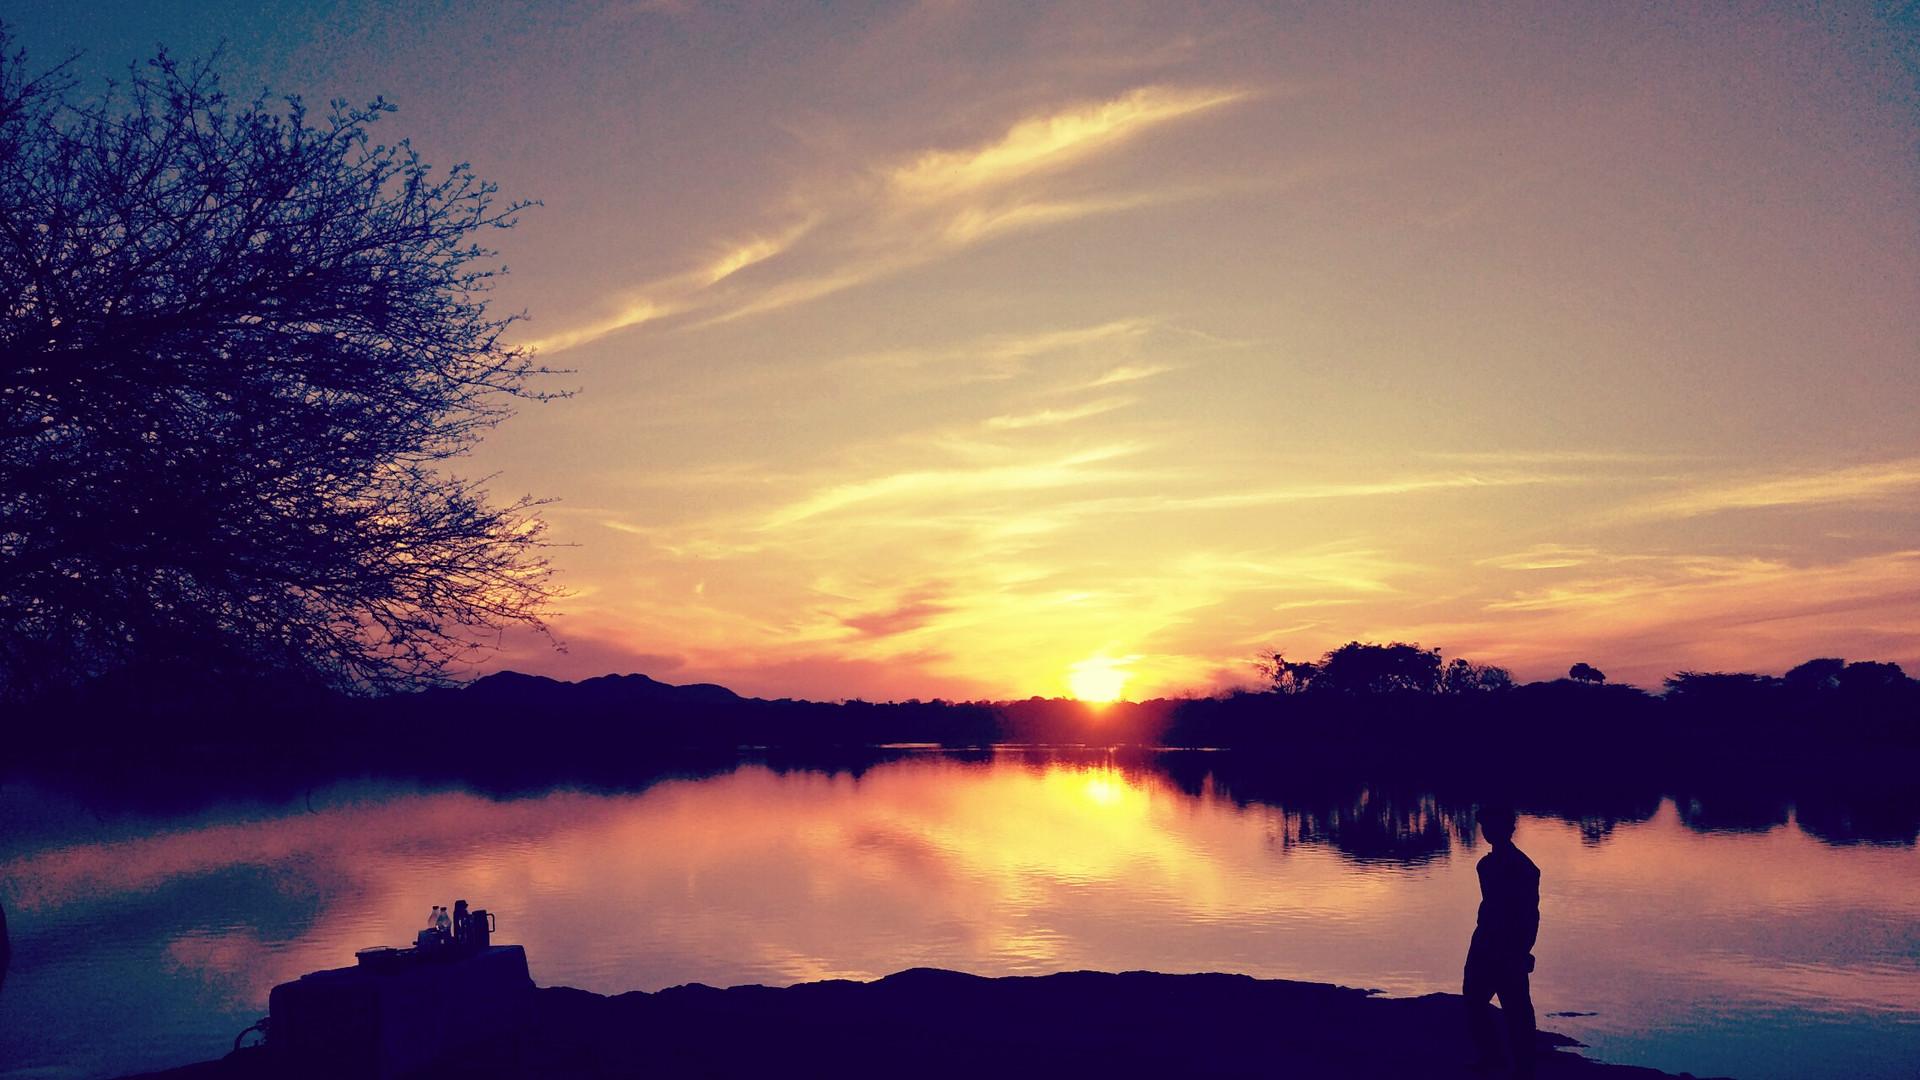 barabagh deogarh_lake view 2.jpg